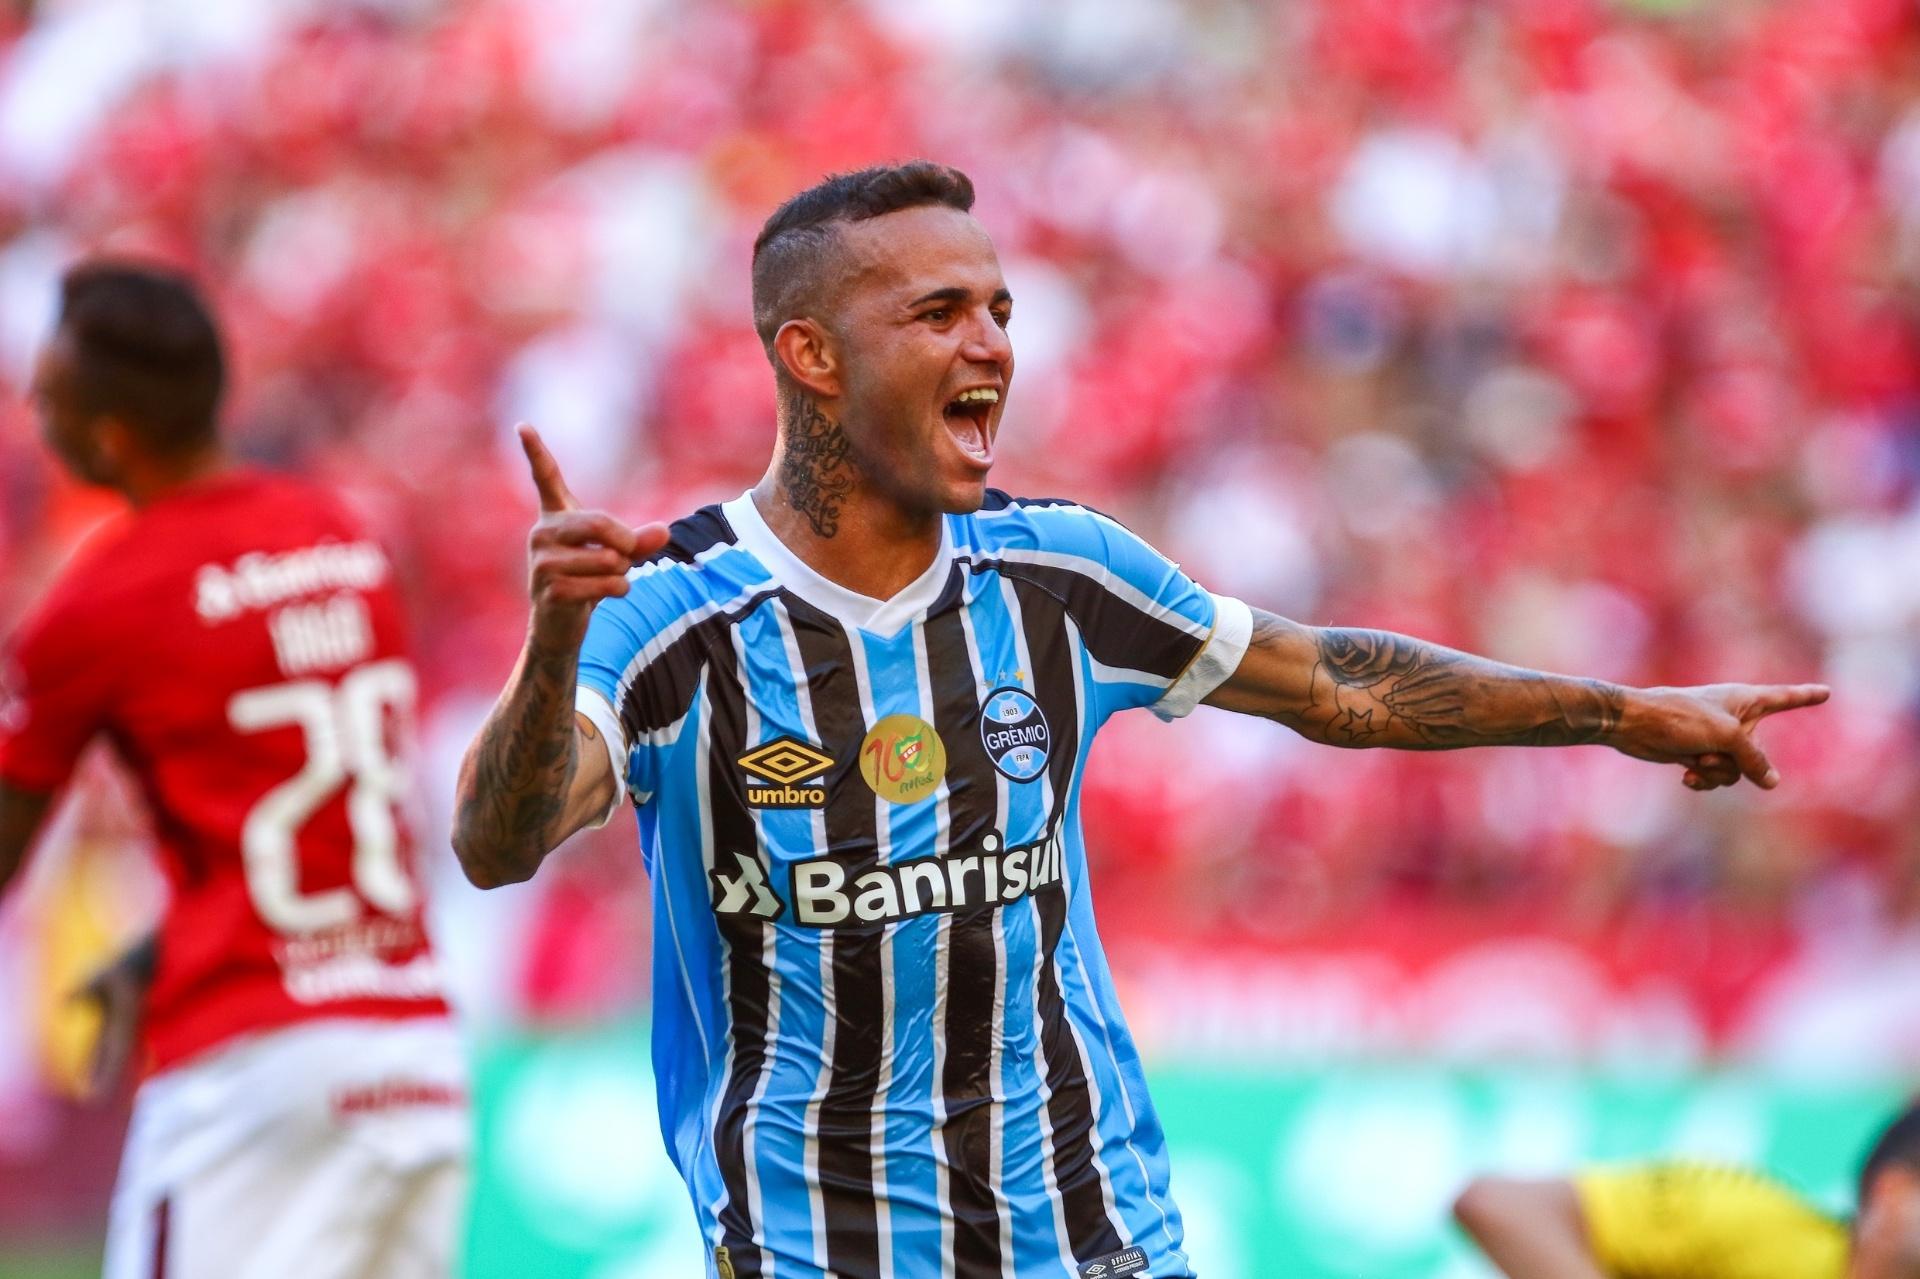 Grêmio usa memória e discurso forte contra soberba antes do Gre-Nal -  10 05 2018 - UOL Esporte a750143cebd91